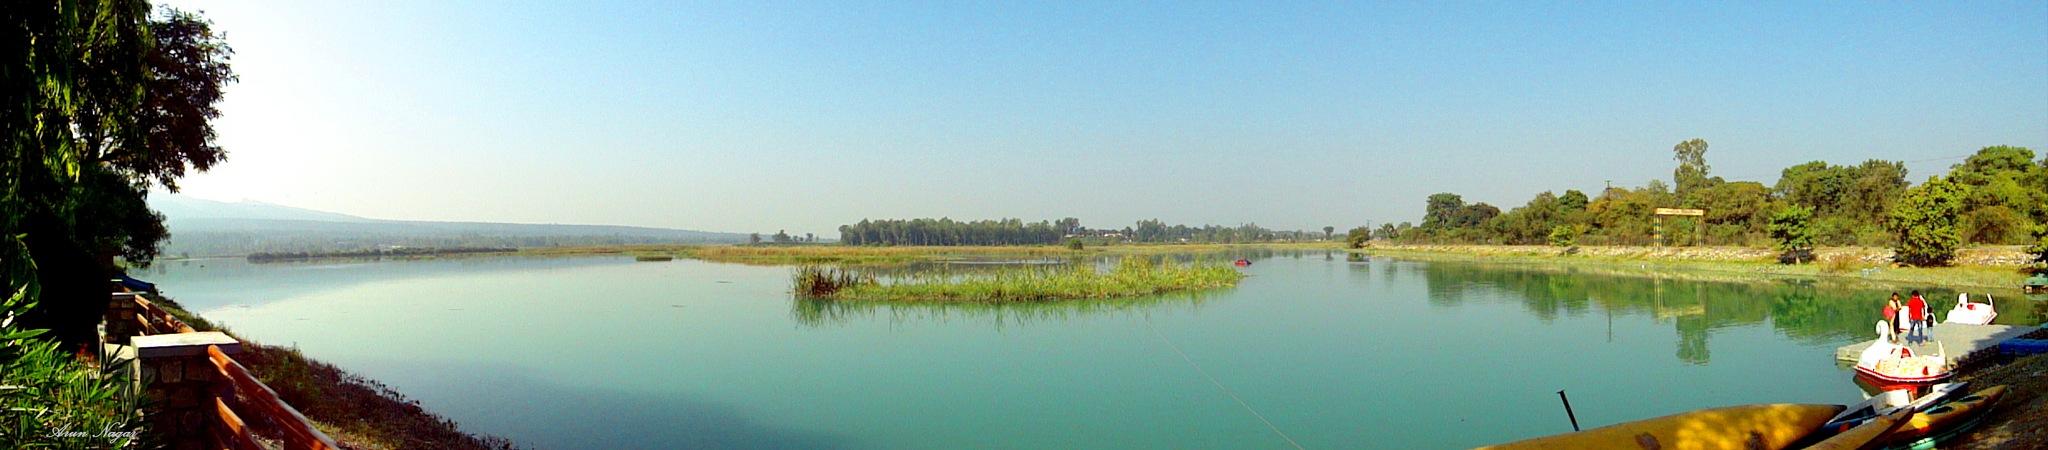 Death of a Reservoir by Arun Nagar